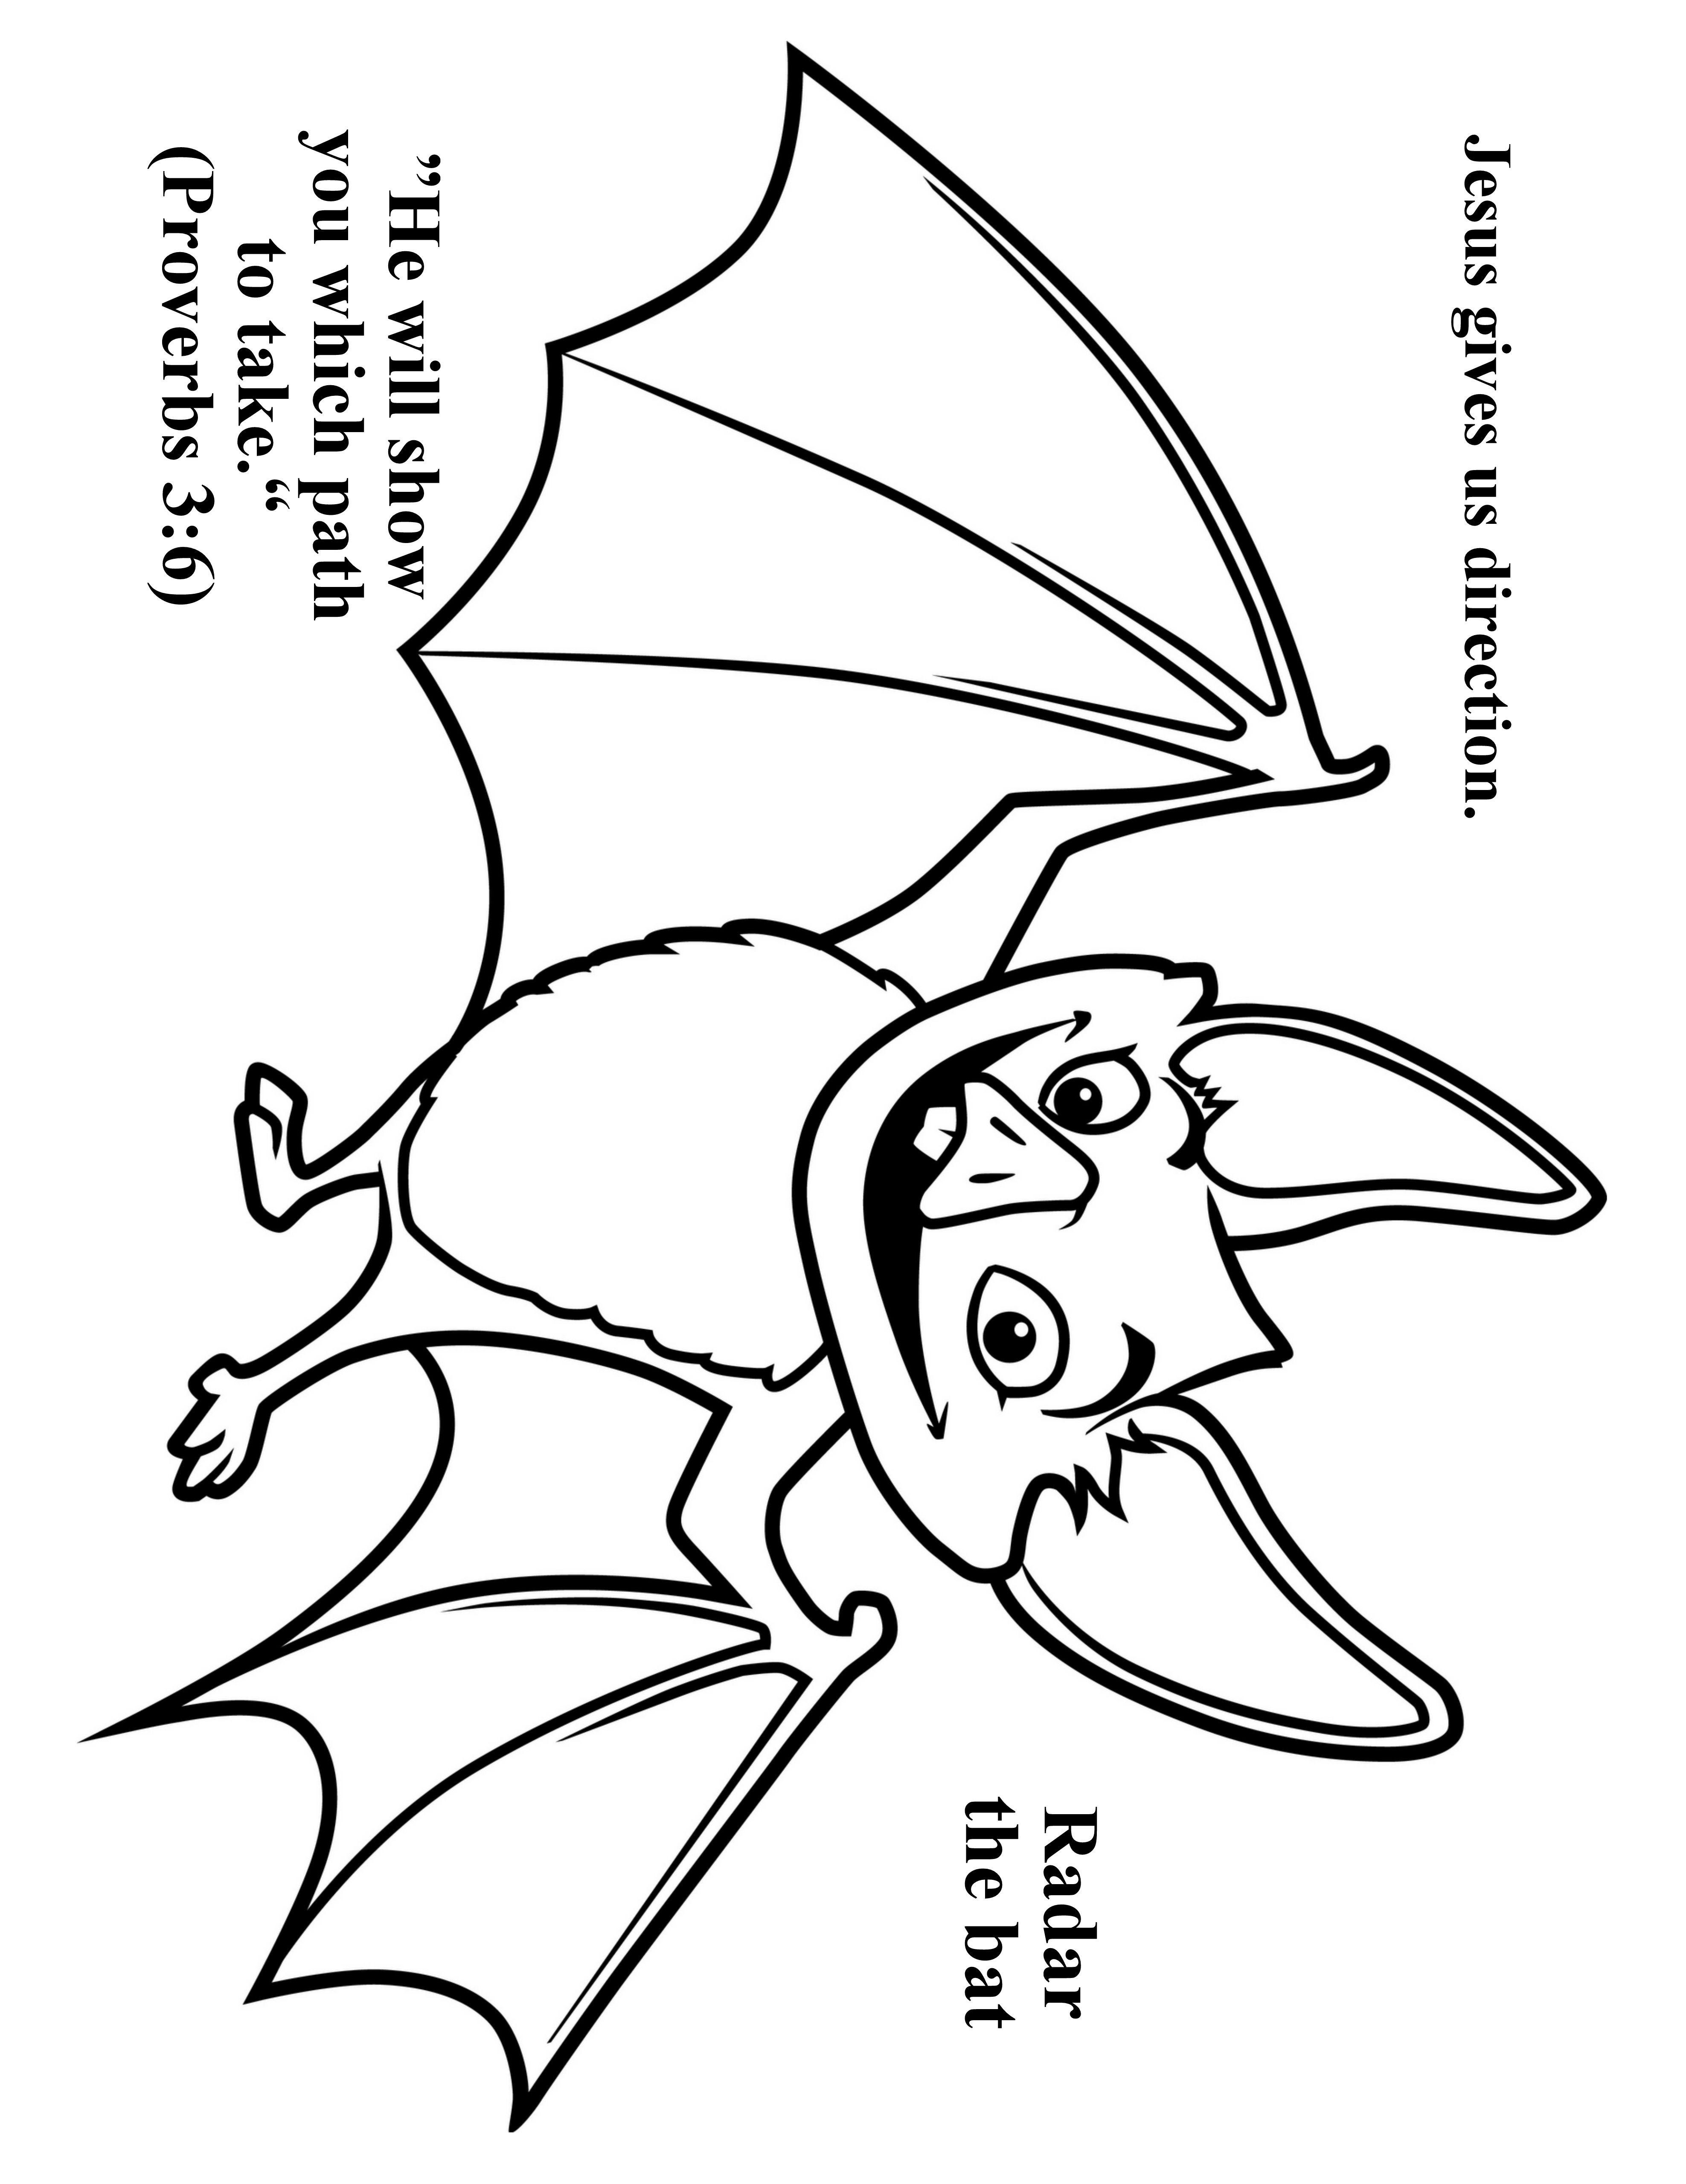 Bats clipart bat cave. Quest day preschool coloring